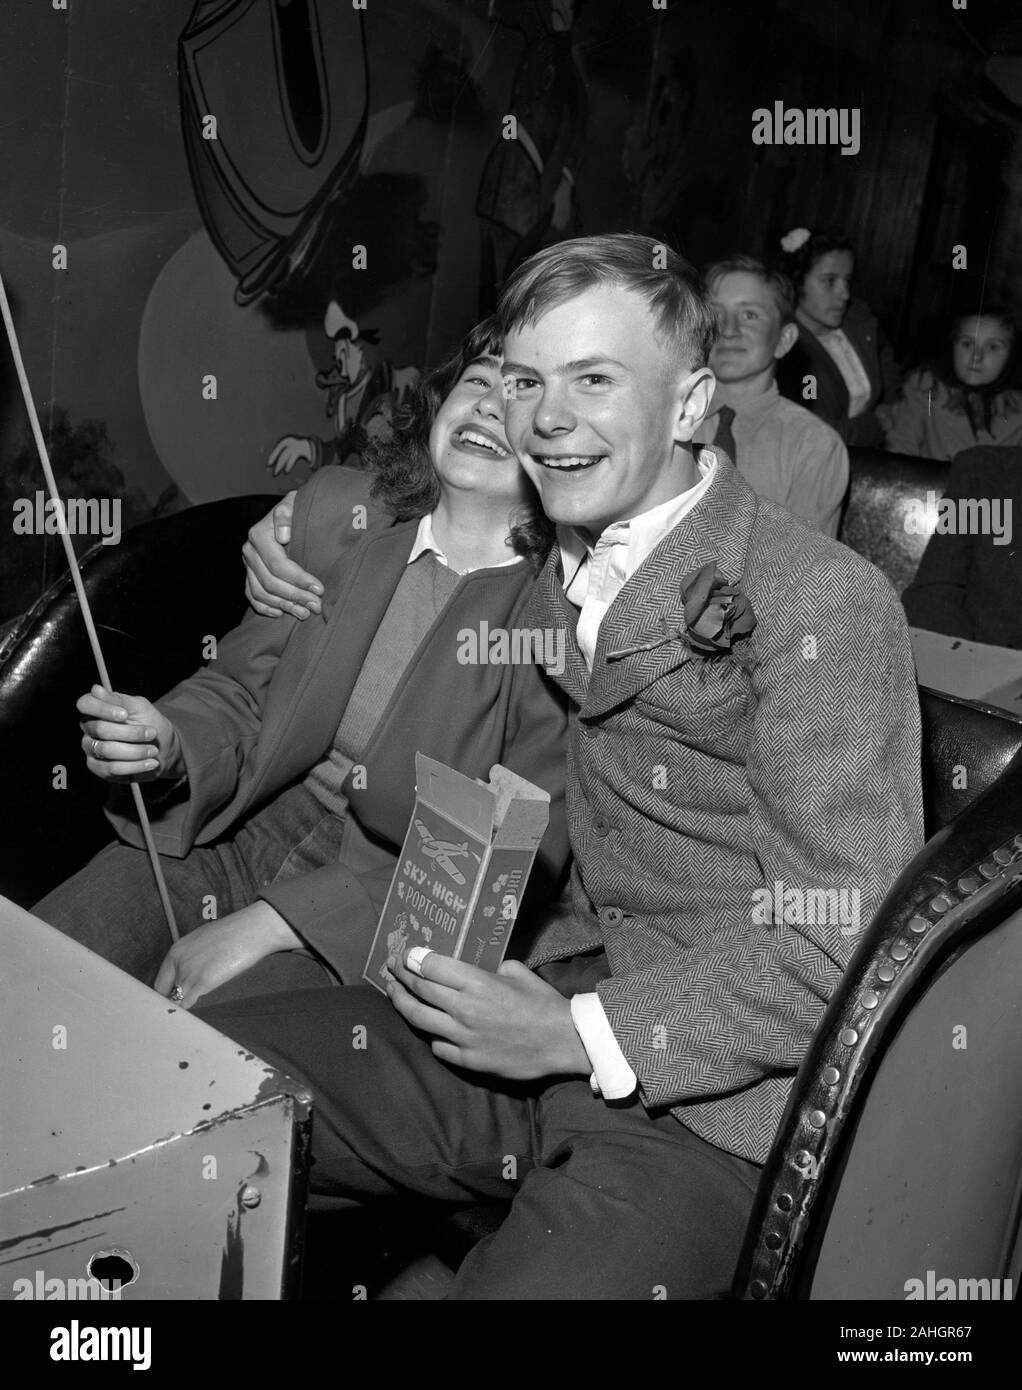 Jugendliche auf ein Datum, auf einen Karneval Spaß - Haus Fahrt in Minnesota, um 1946 Stockfoto